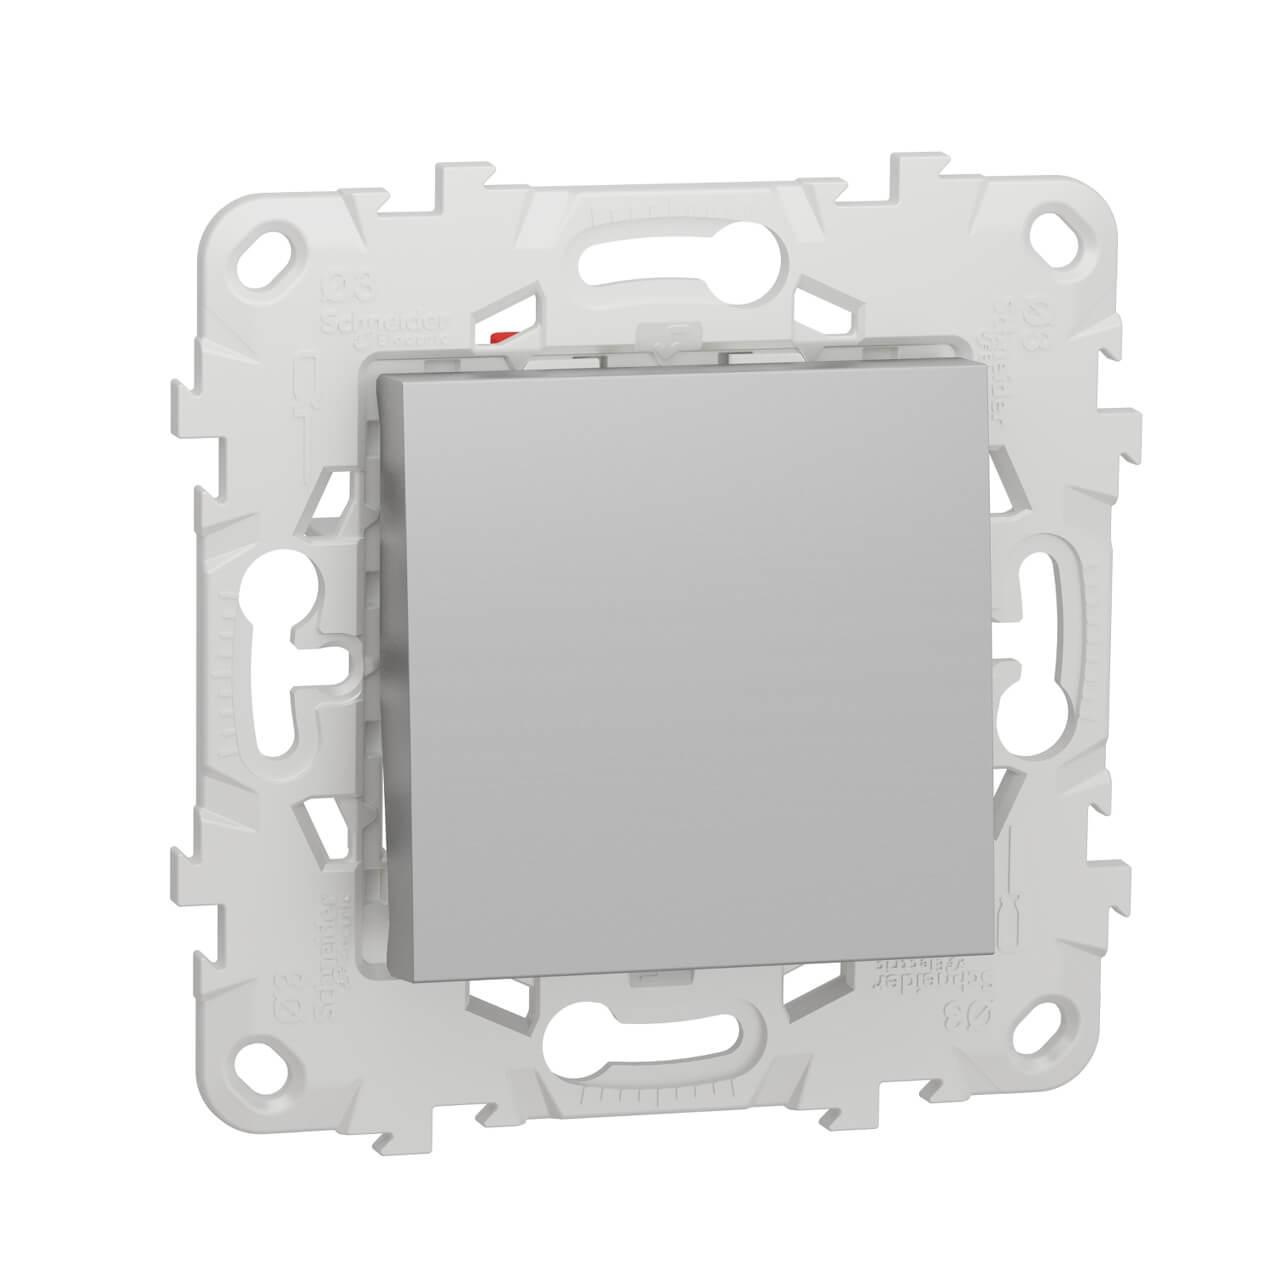 Переключатель Schneider Electric NU520530 Unica New